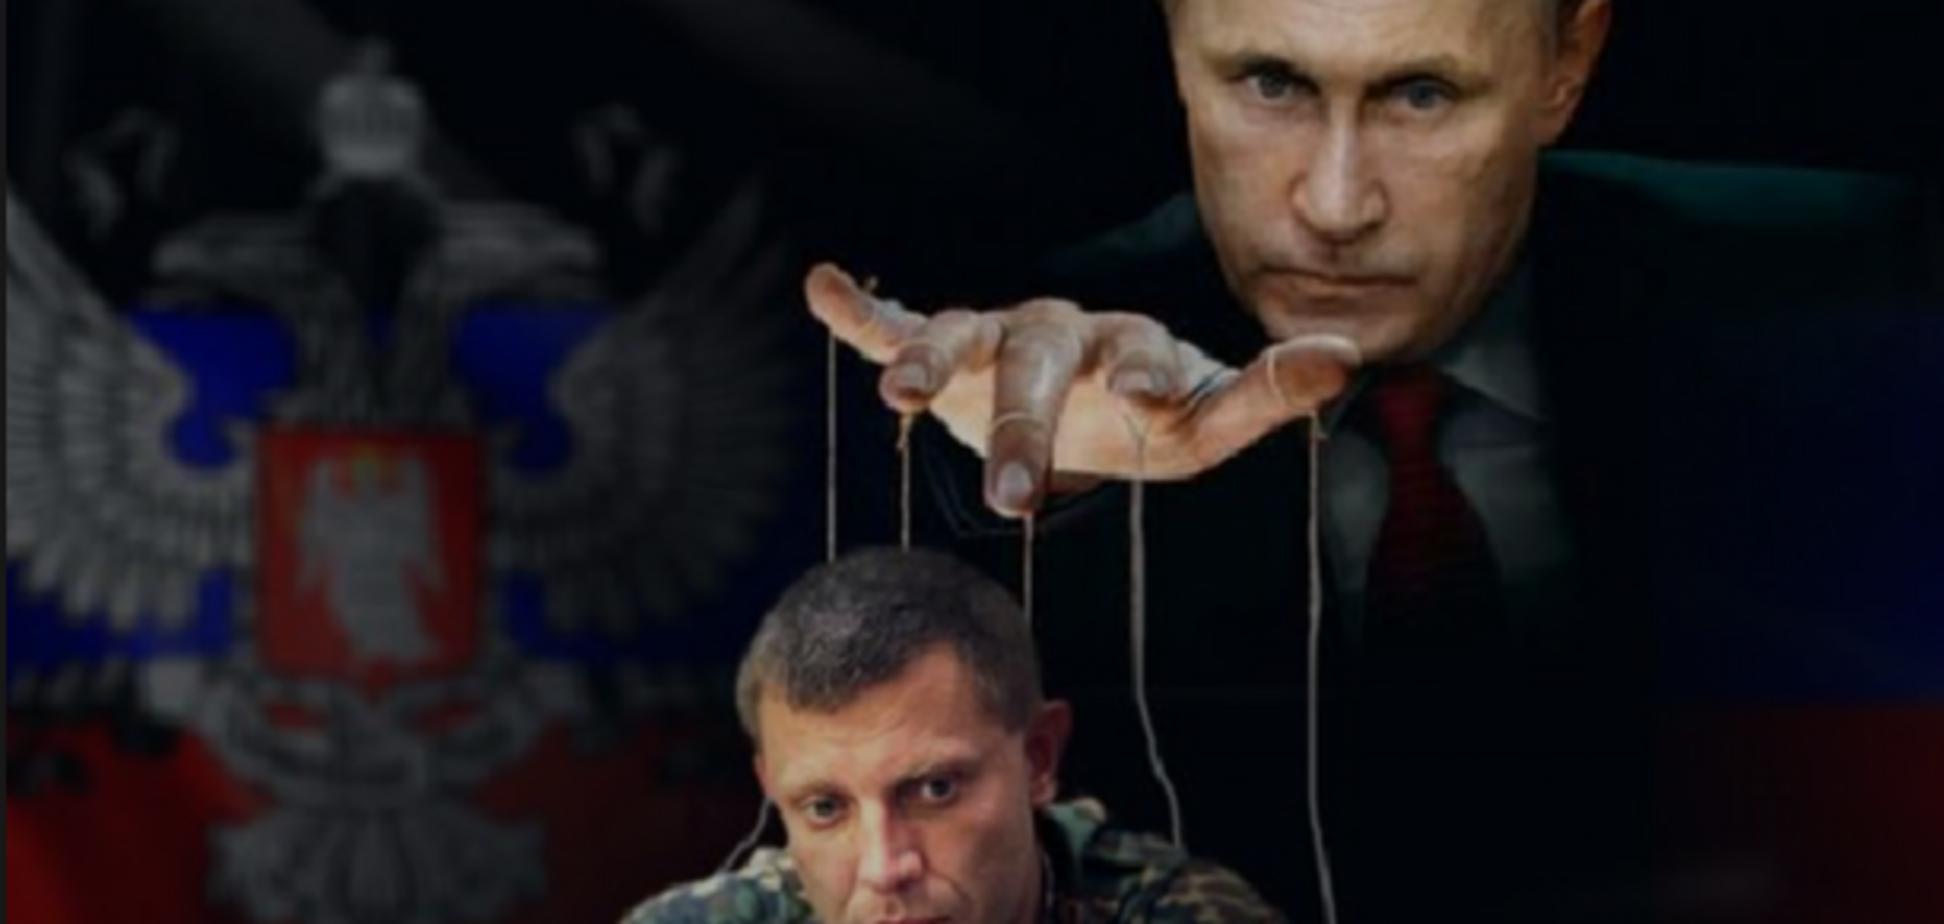 ''Зачищают подельников!'' Украина ''спалила'' ФСБ на причастности к подрыву Захарченко